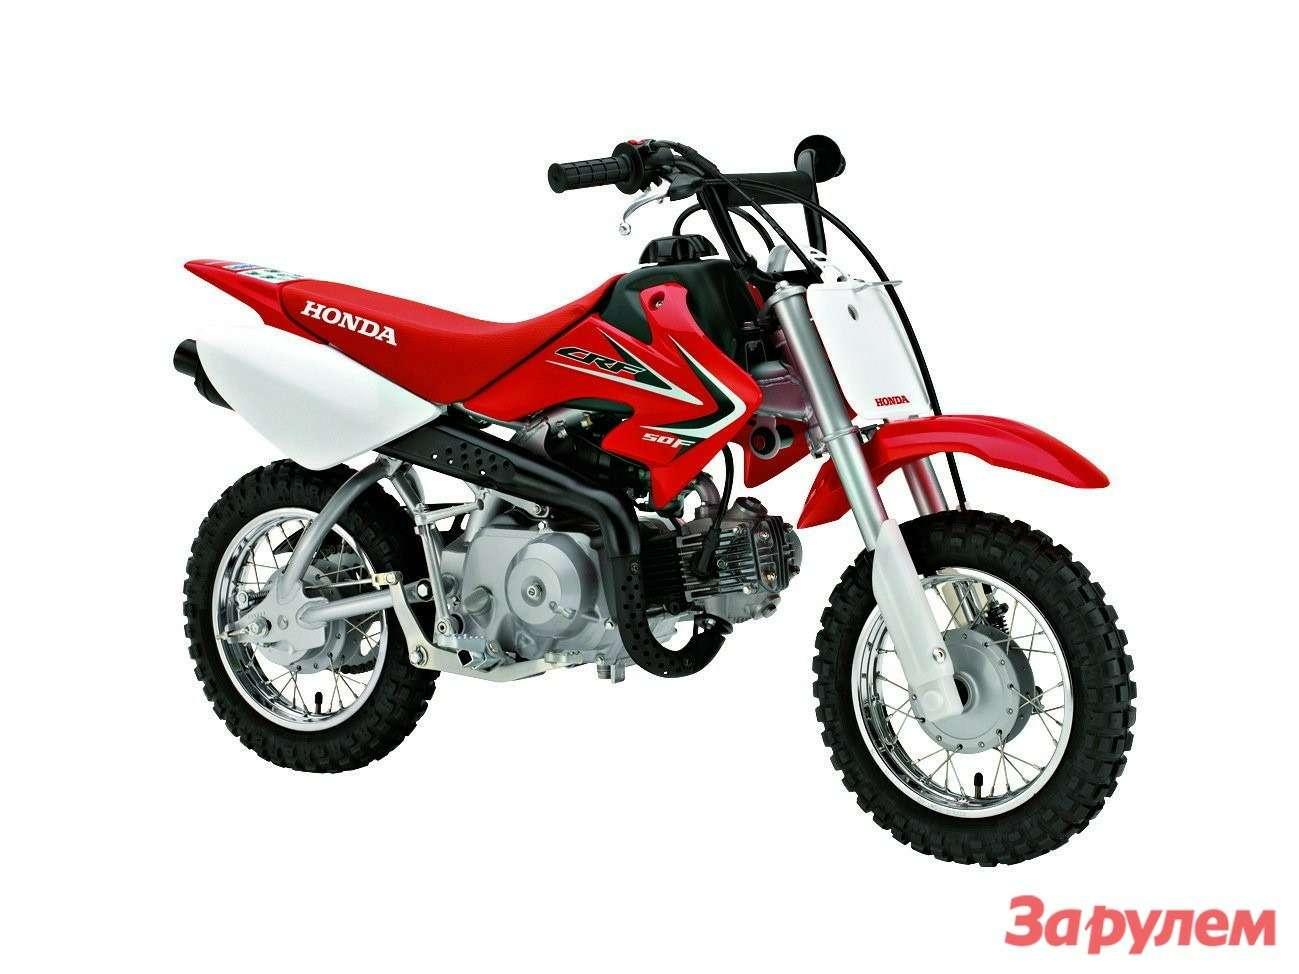 001-Honda_CRF50F